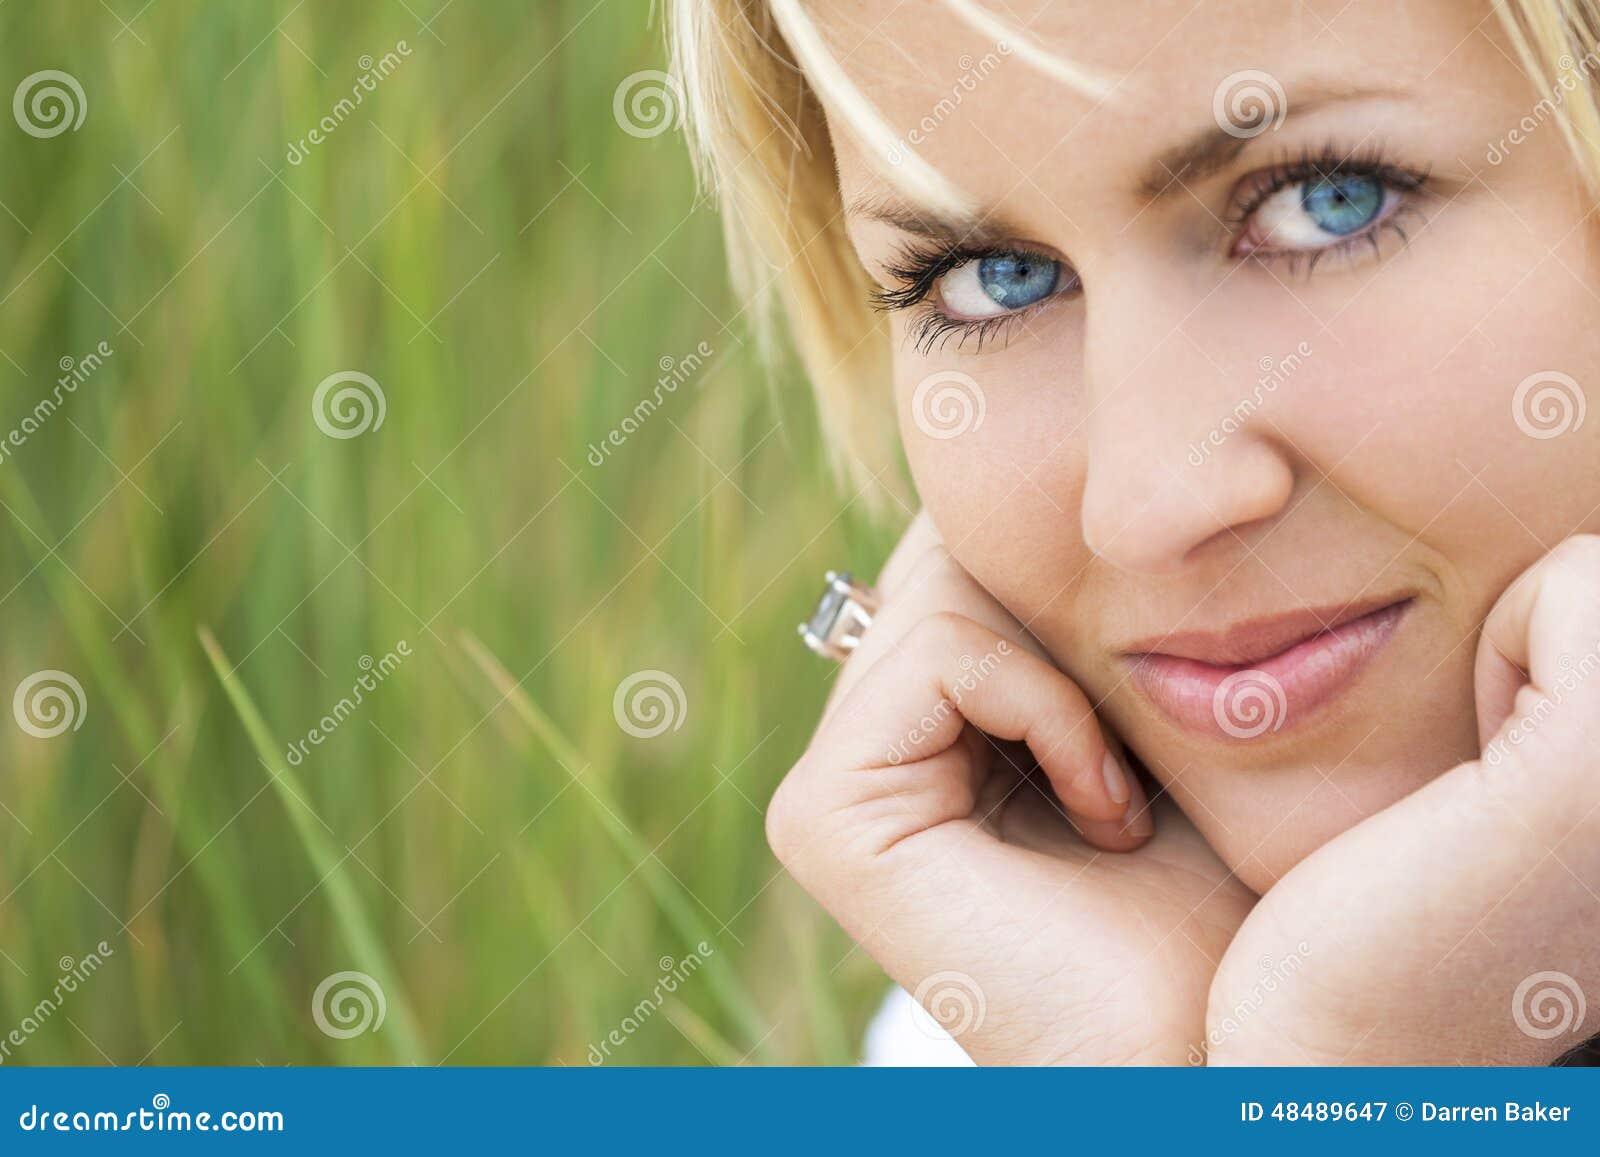 妇女有金发蓝眼睛绿色背景